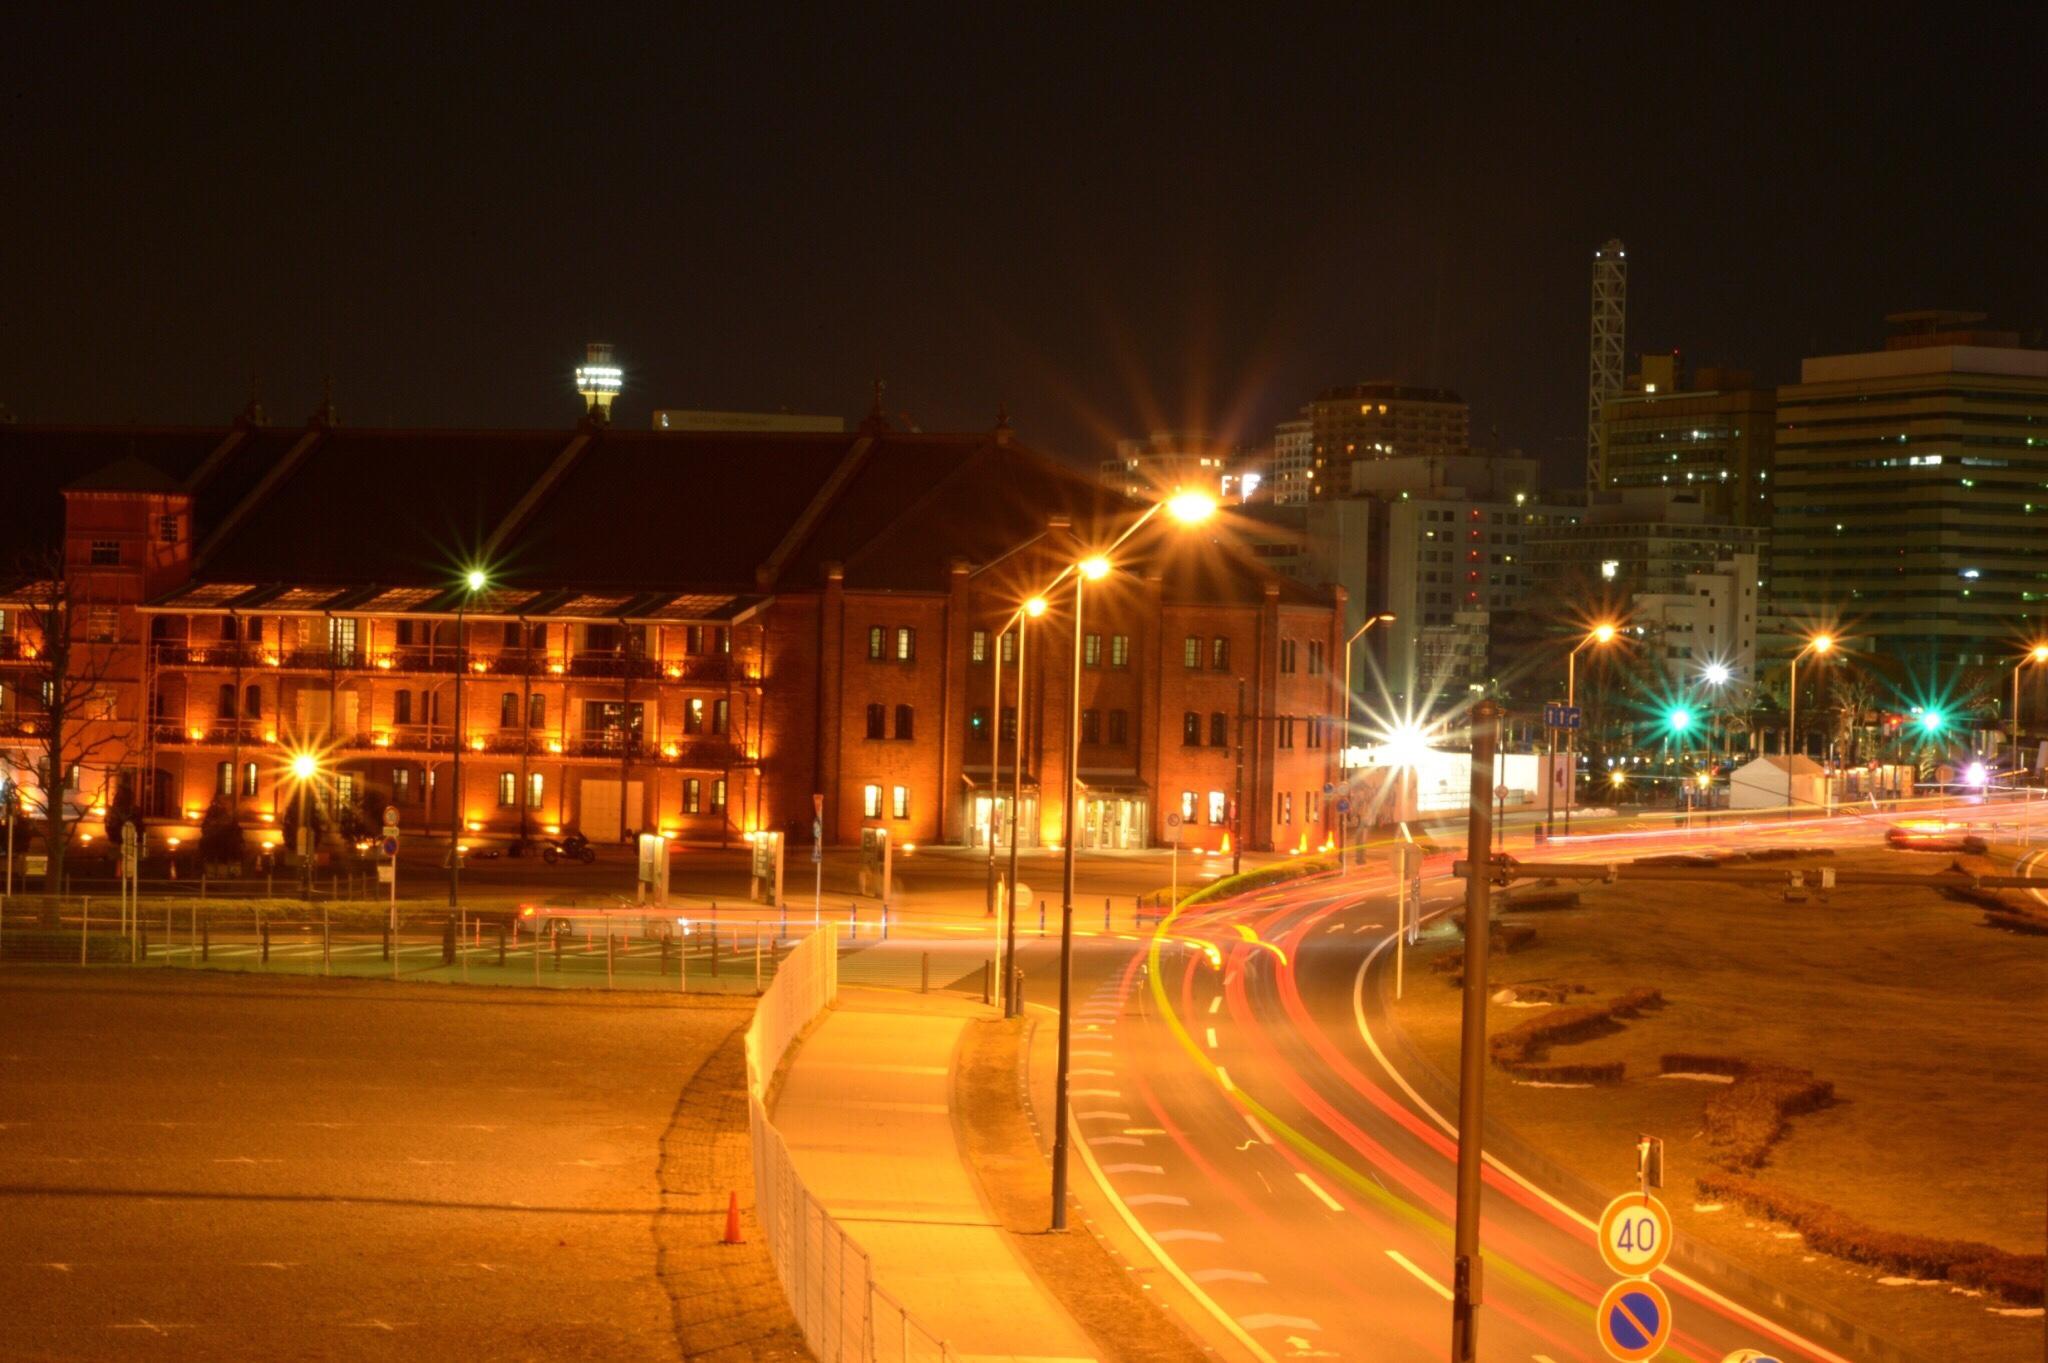 赤レンガ倉庫 横浜 夜景